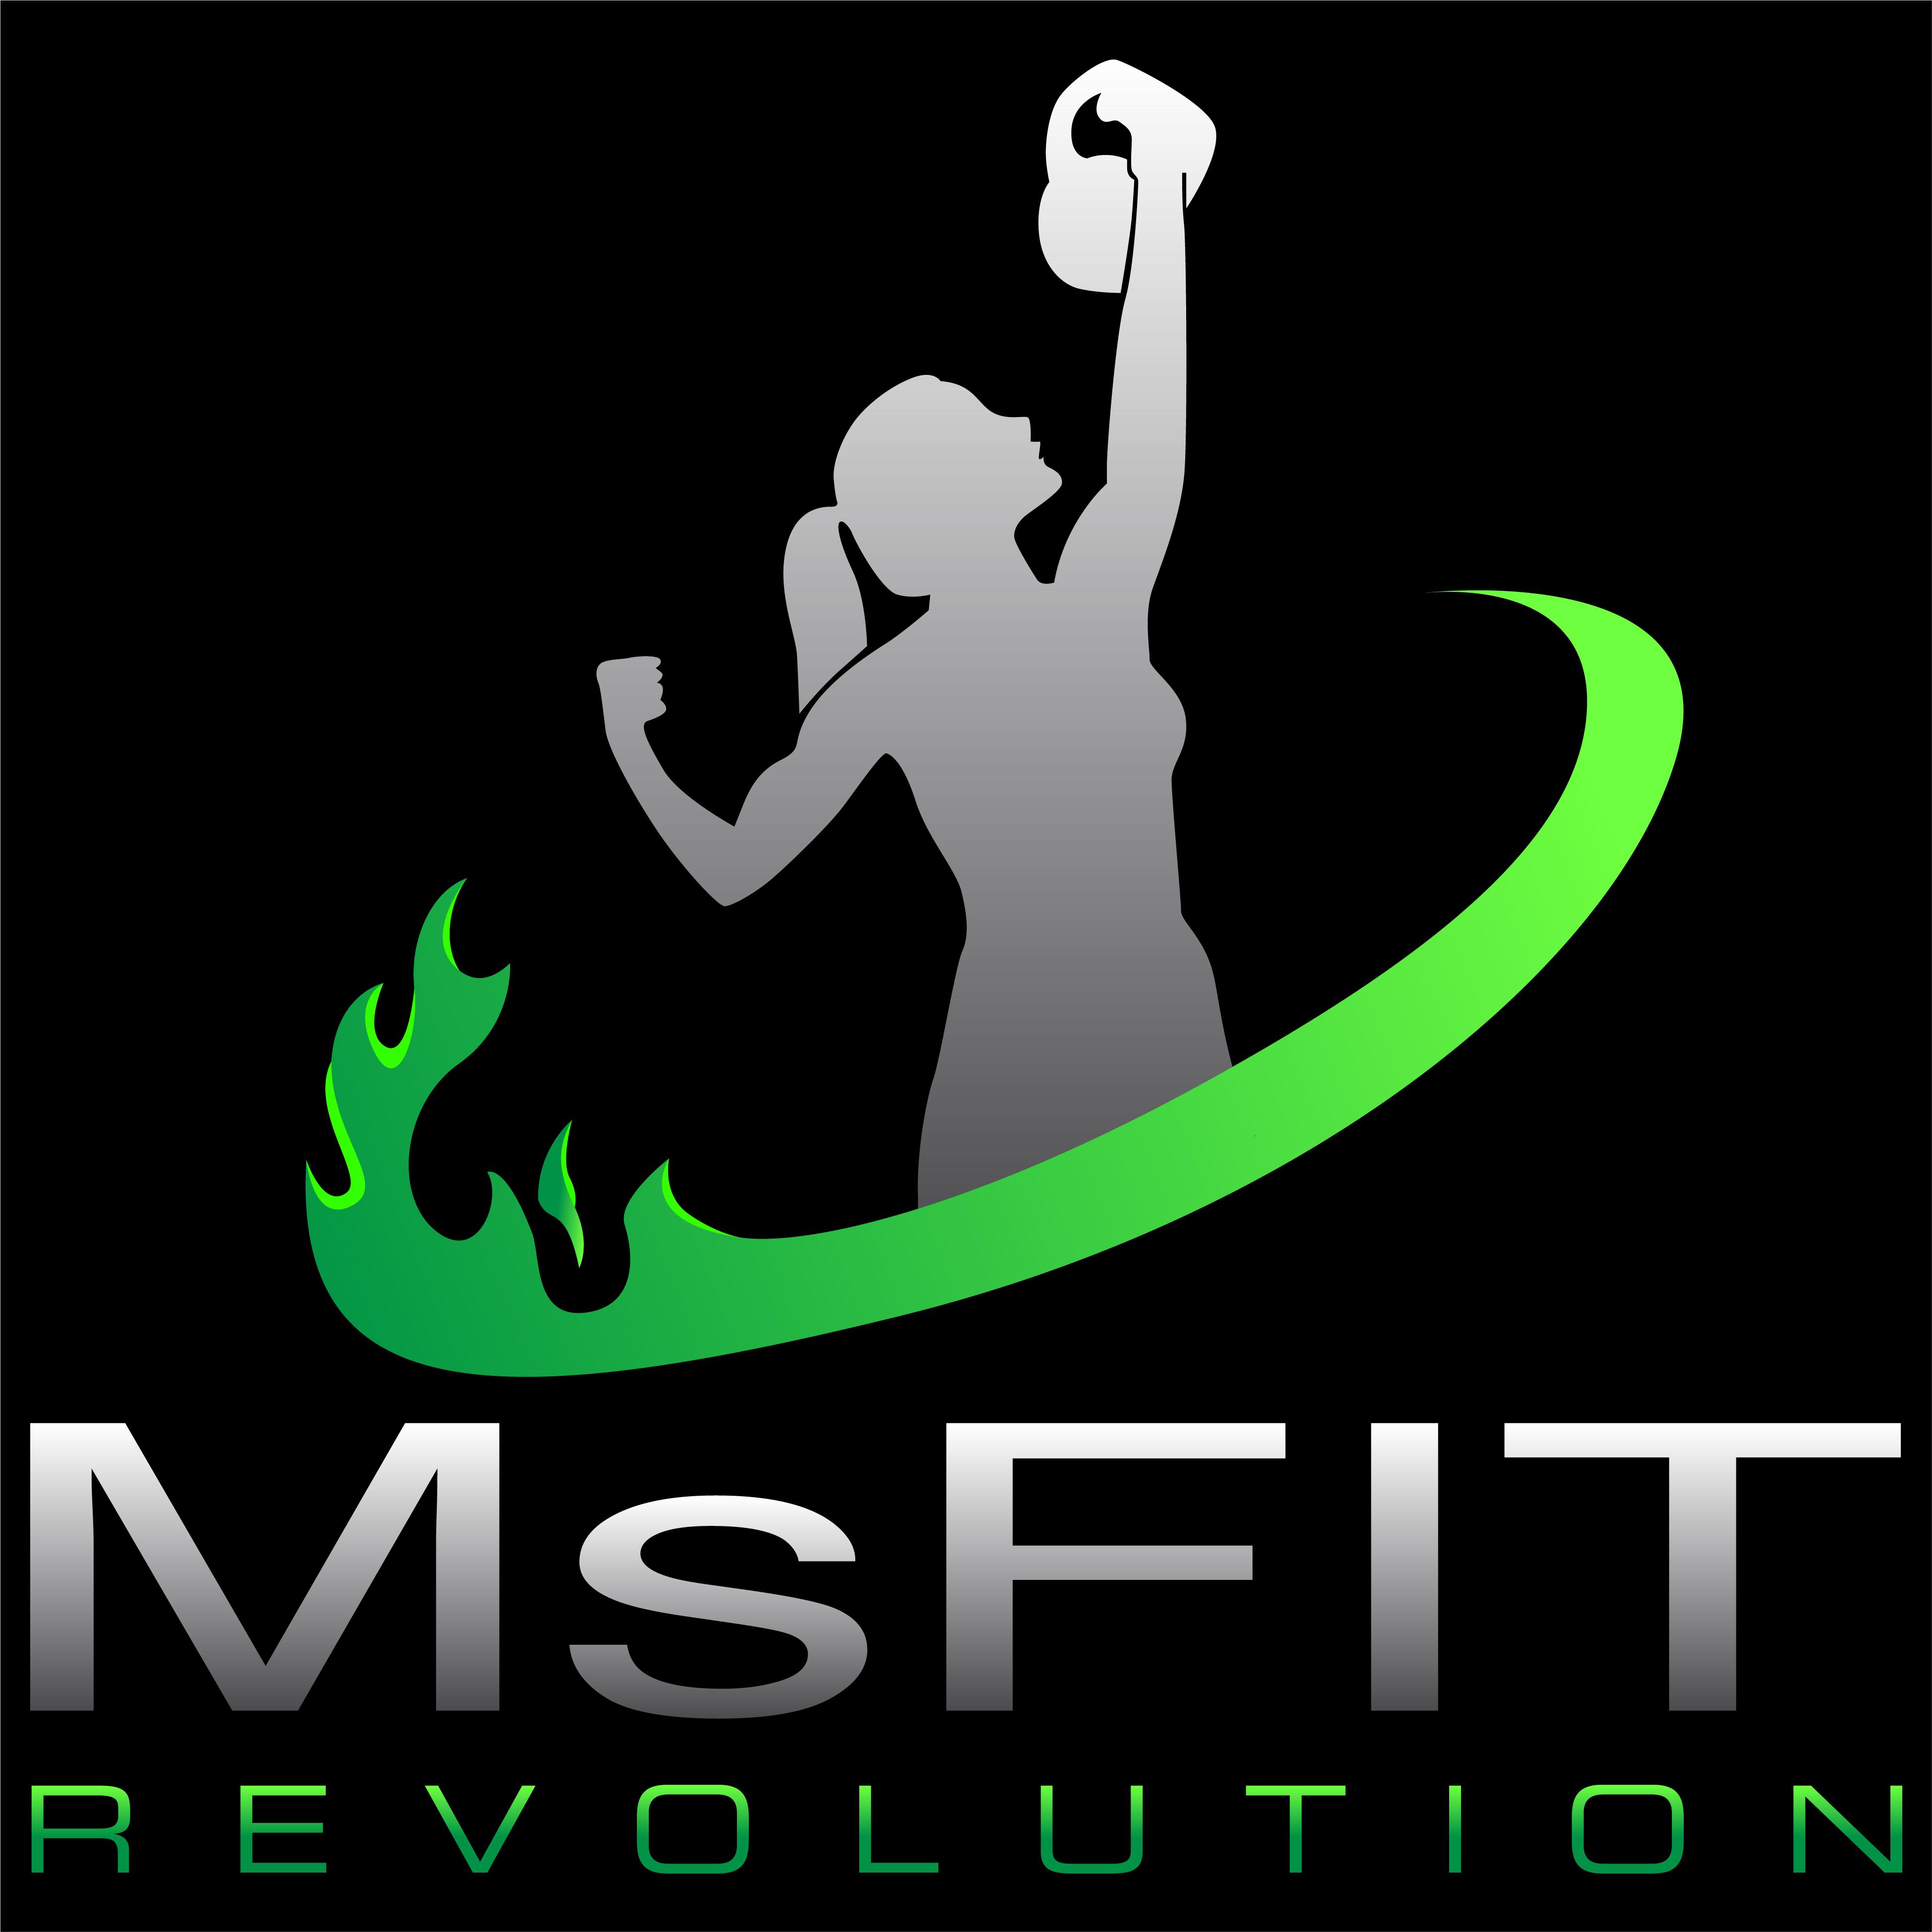 MsFIT Revolution, LLC